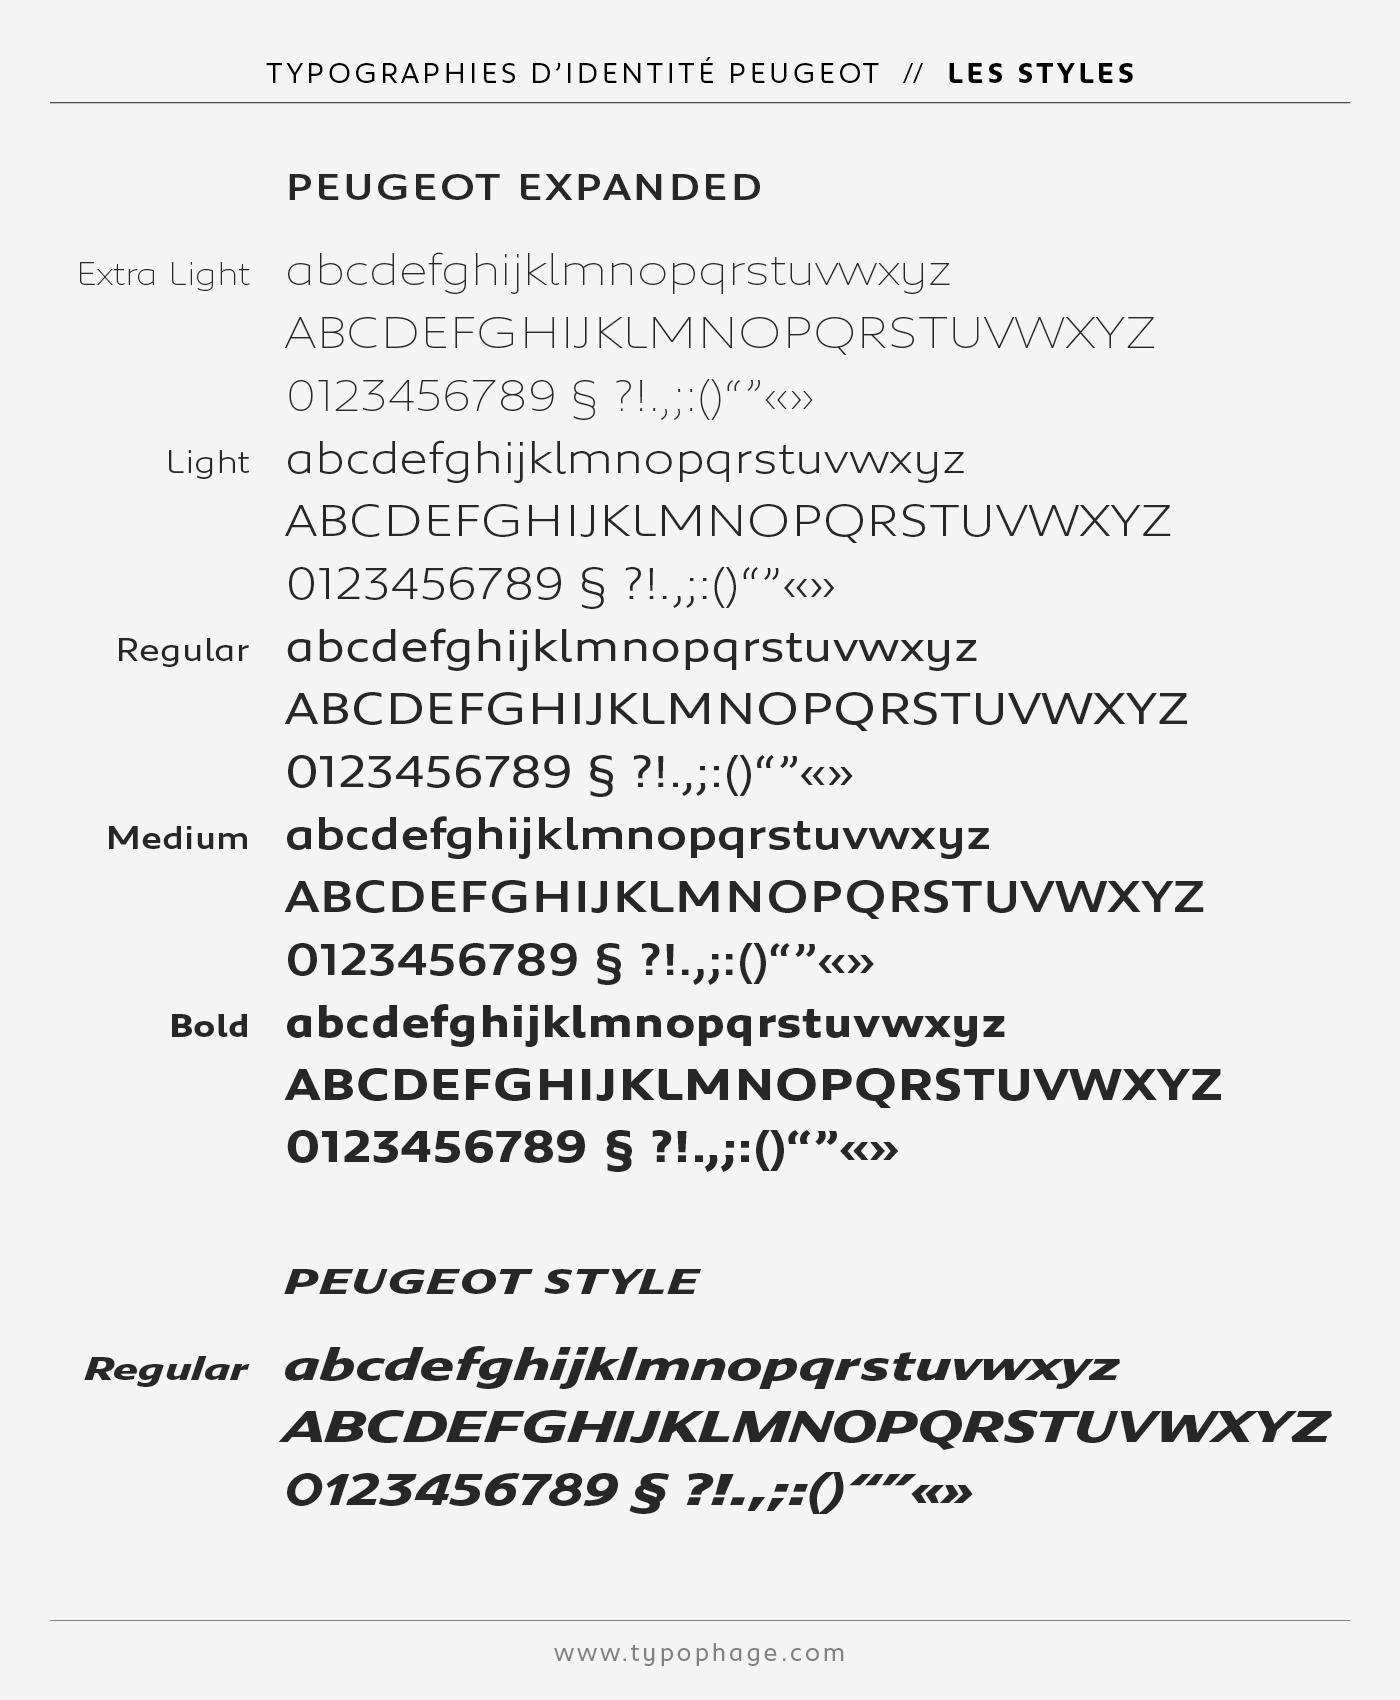 Typographies d'identité Peugeot Spécimen de caractères. Les Styles.